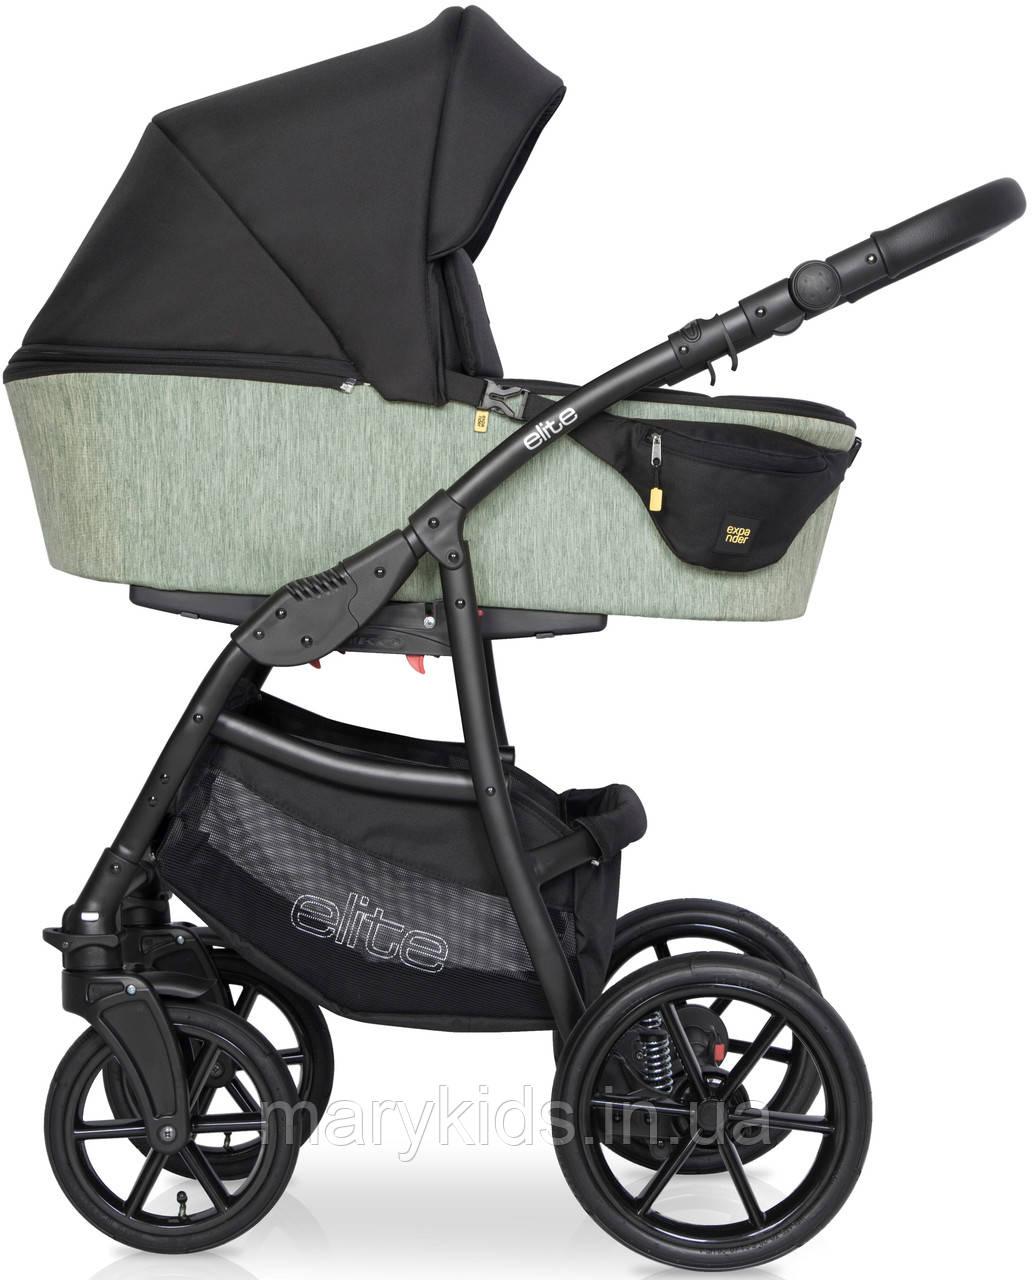 Детская универсальная коляска 2 в 1 Riko Elite 05 Mint